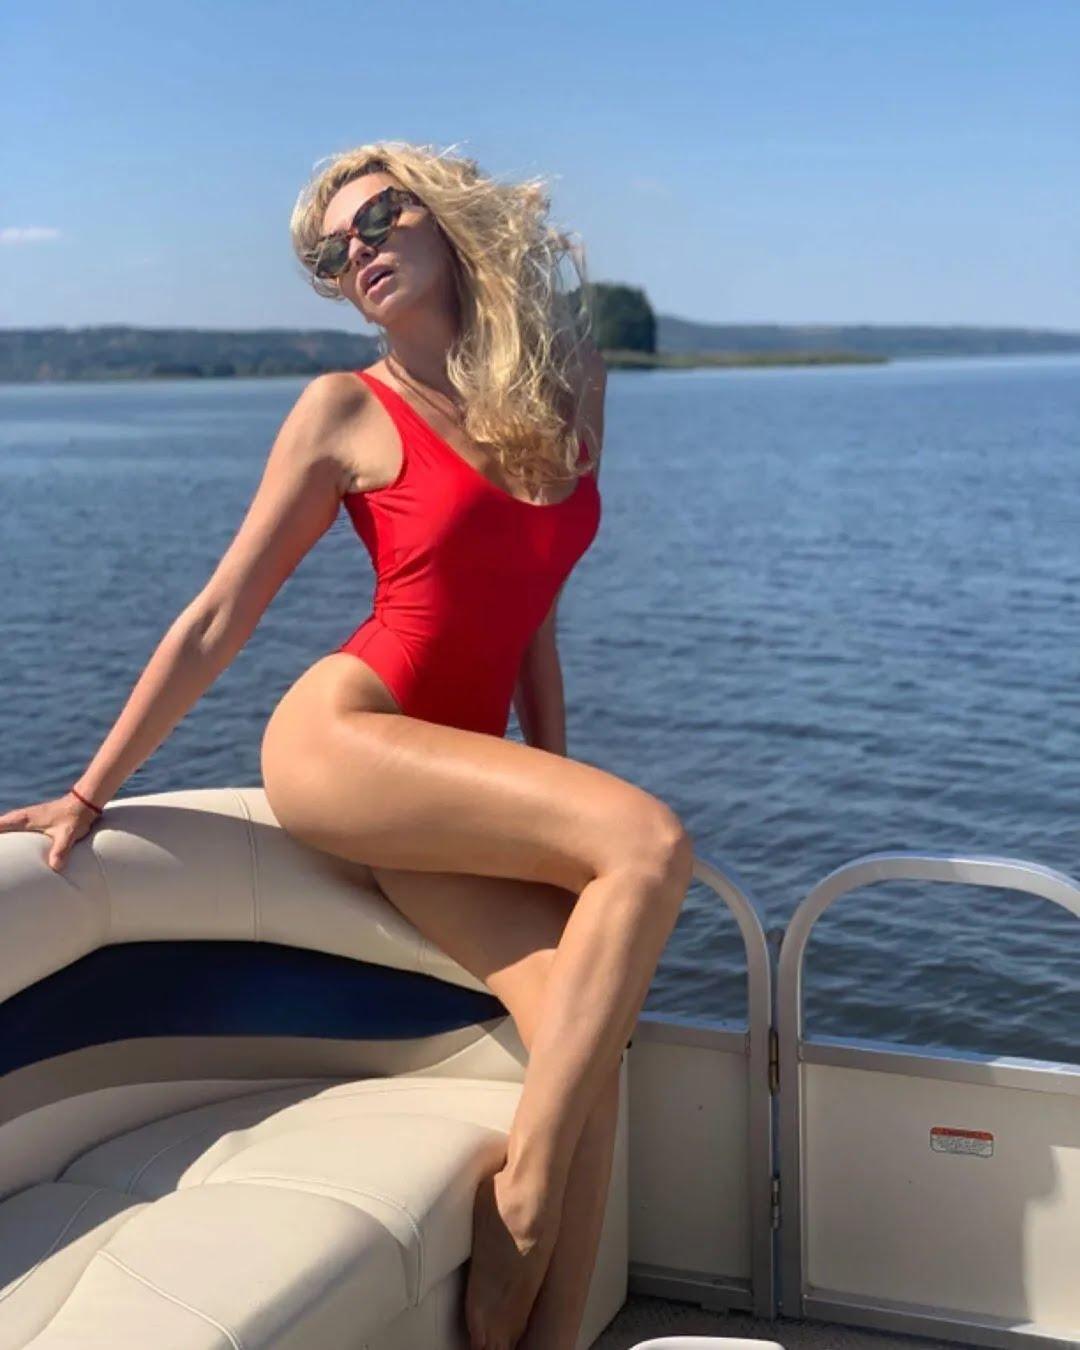 Оля Полякова сексуально позирует на камеру (Instagram Оли Поляковой)